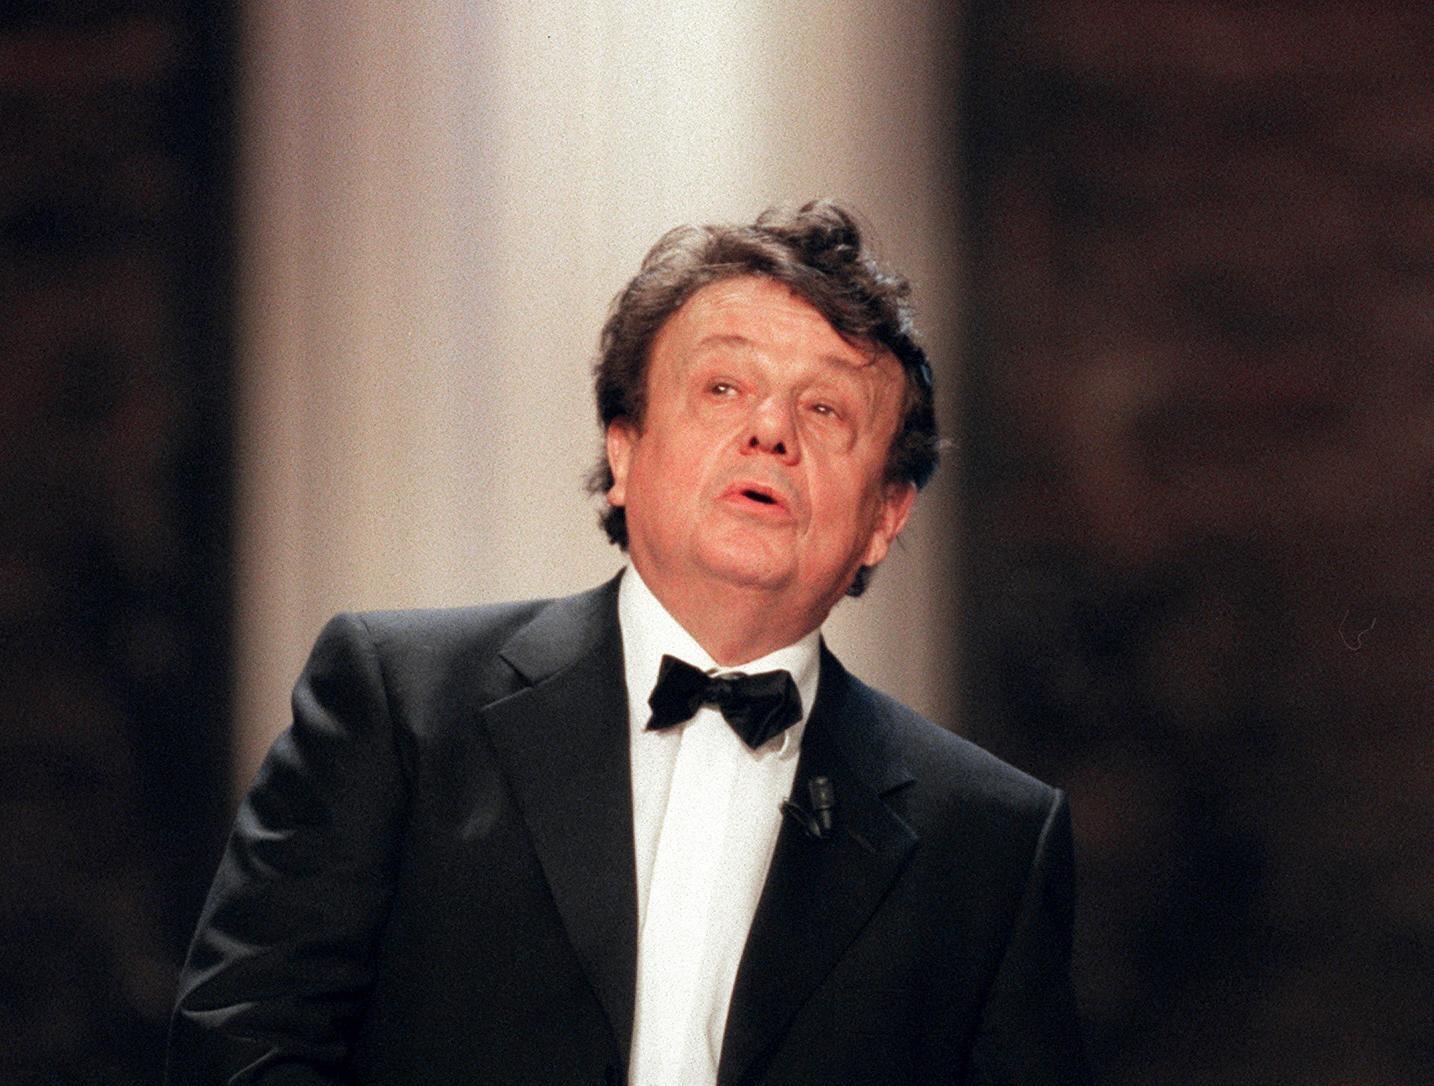 Le comédien et metteur en scène Marcel Maréchal est décédé le 11 juin 2020, à l'âge de 83 ans. Ici en 2000 lors de la Nuit des Molières.